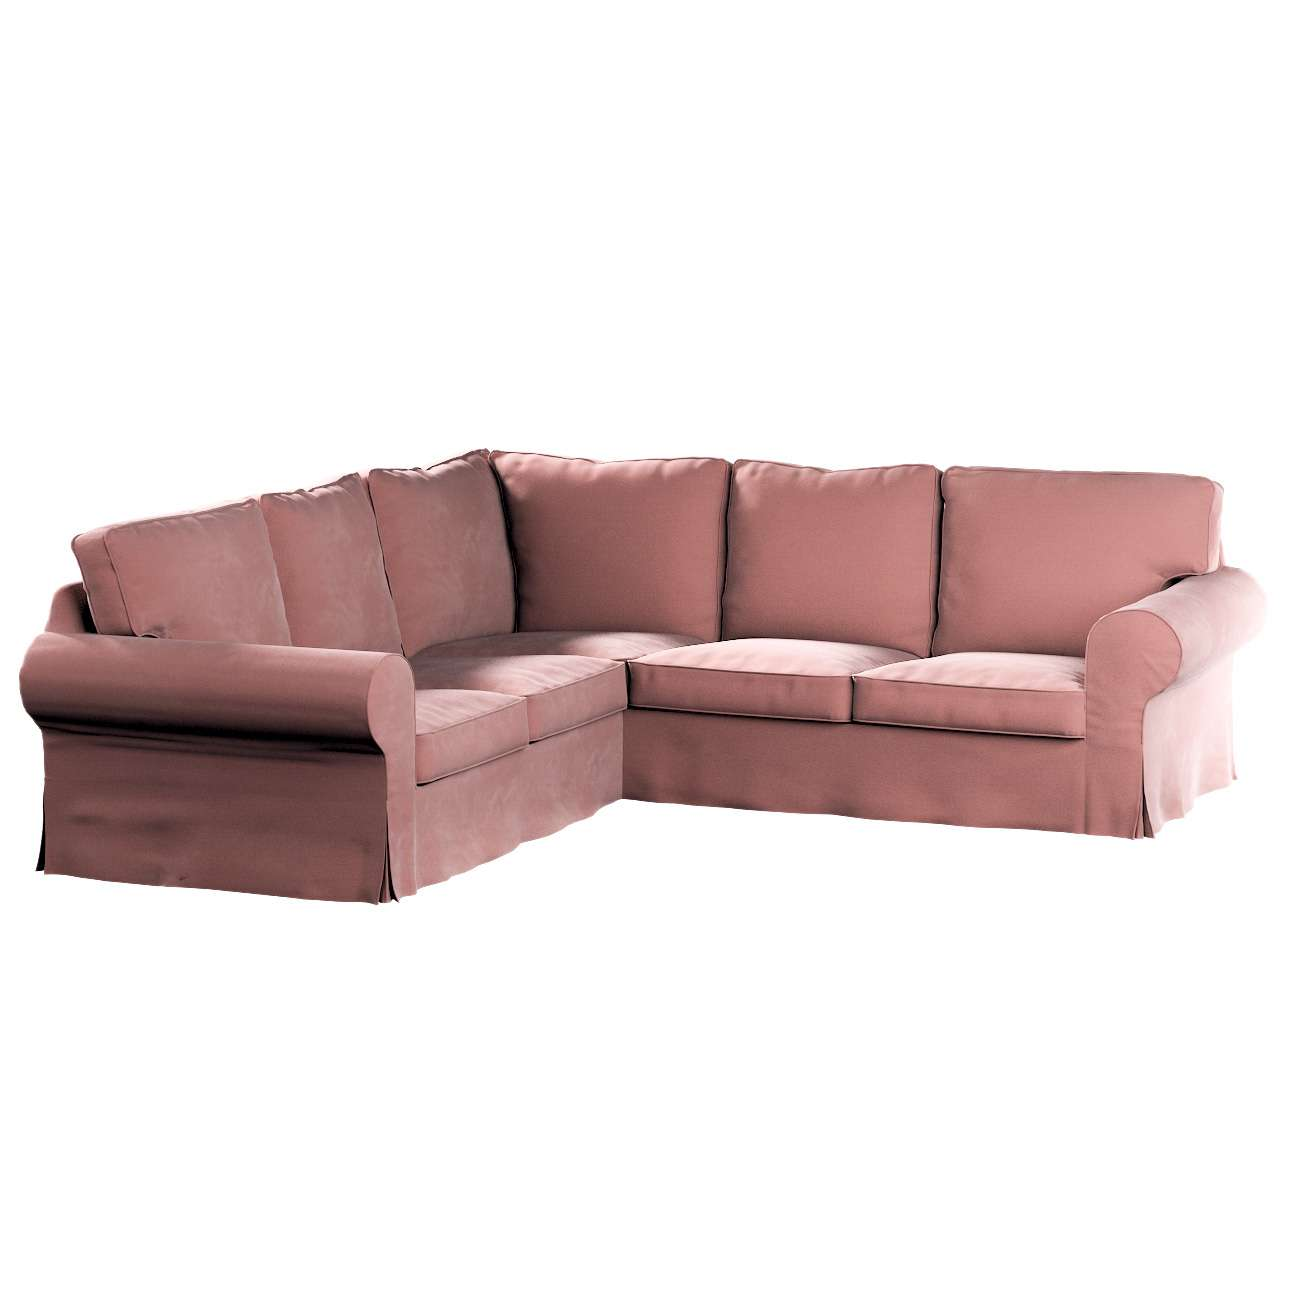 Pokrowiec Ektorp na sofę narożną w kolekcji Velvet, tkanina: 704-30